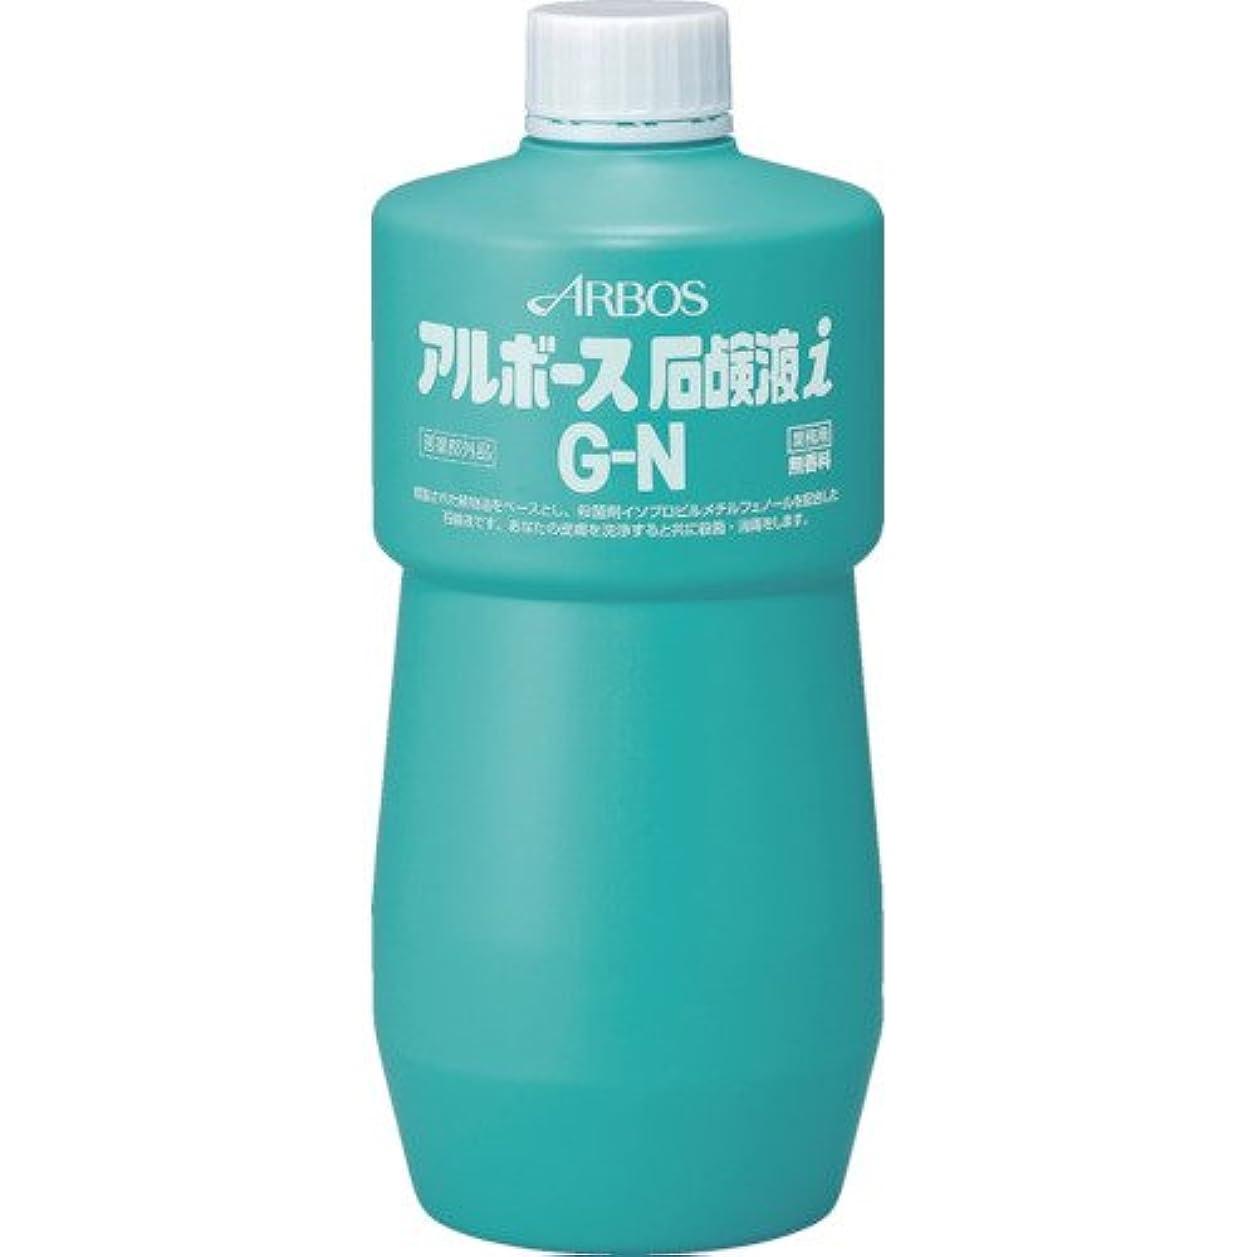 地上で病的魅力的アルボース石鹸液iGN 1G [医薬部外品]